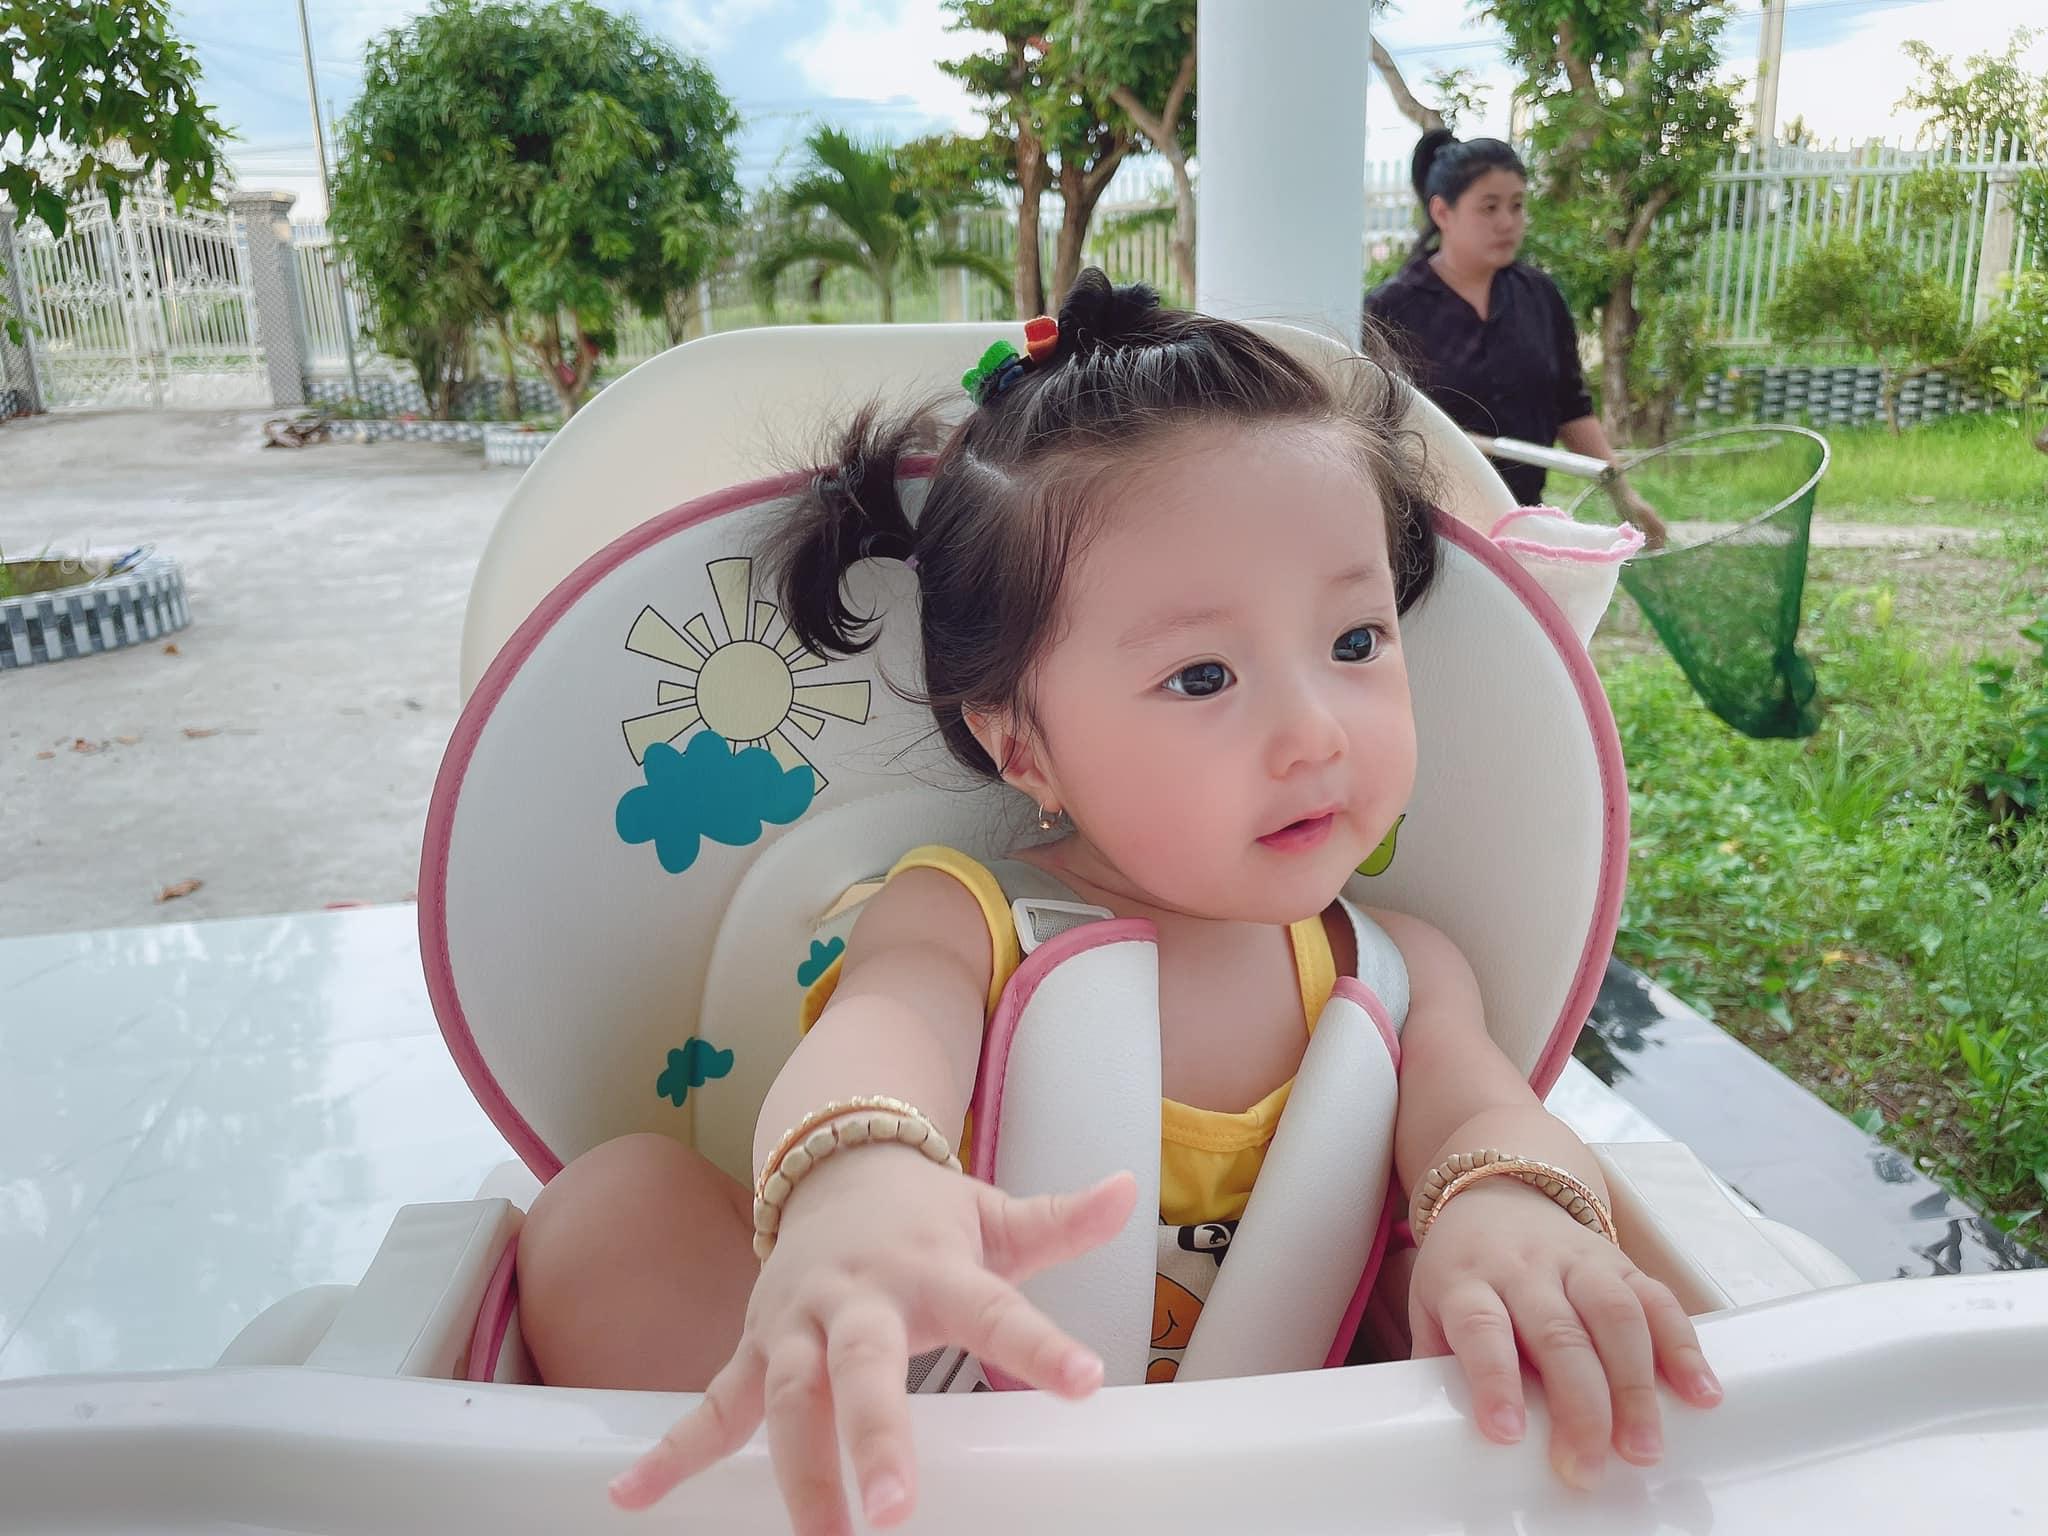 Vợ chồng Lâm Chấn Khang rất trông ngóng có một con gái. Nên khi Tina chào đời, cả hai cố gắng dành thật nhiều tình yêu thương, thời gian chăm sóc. Cô bé cũng được gia đình nội ngoại cưng chiều nhất nhà.